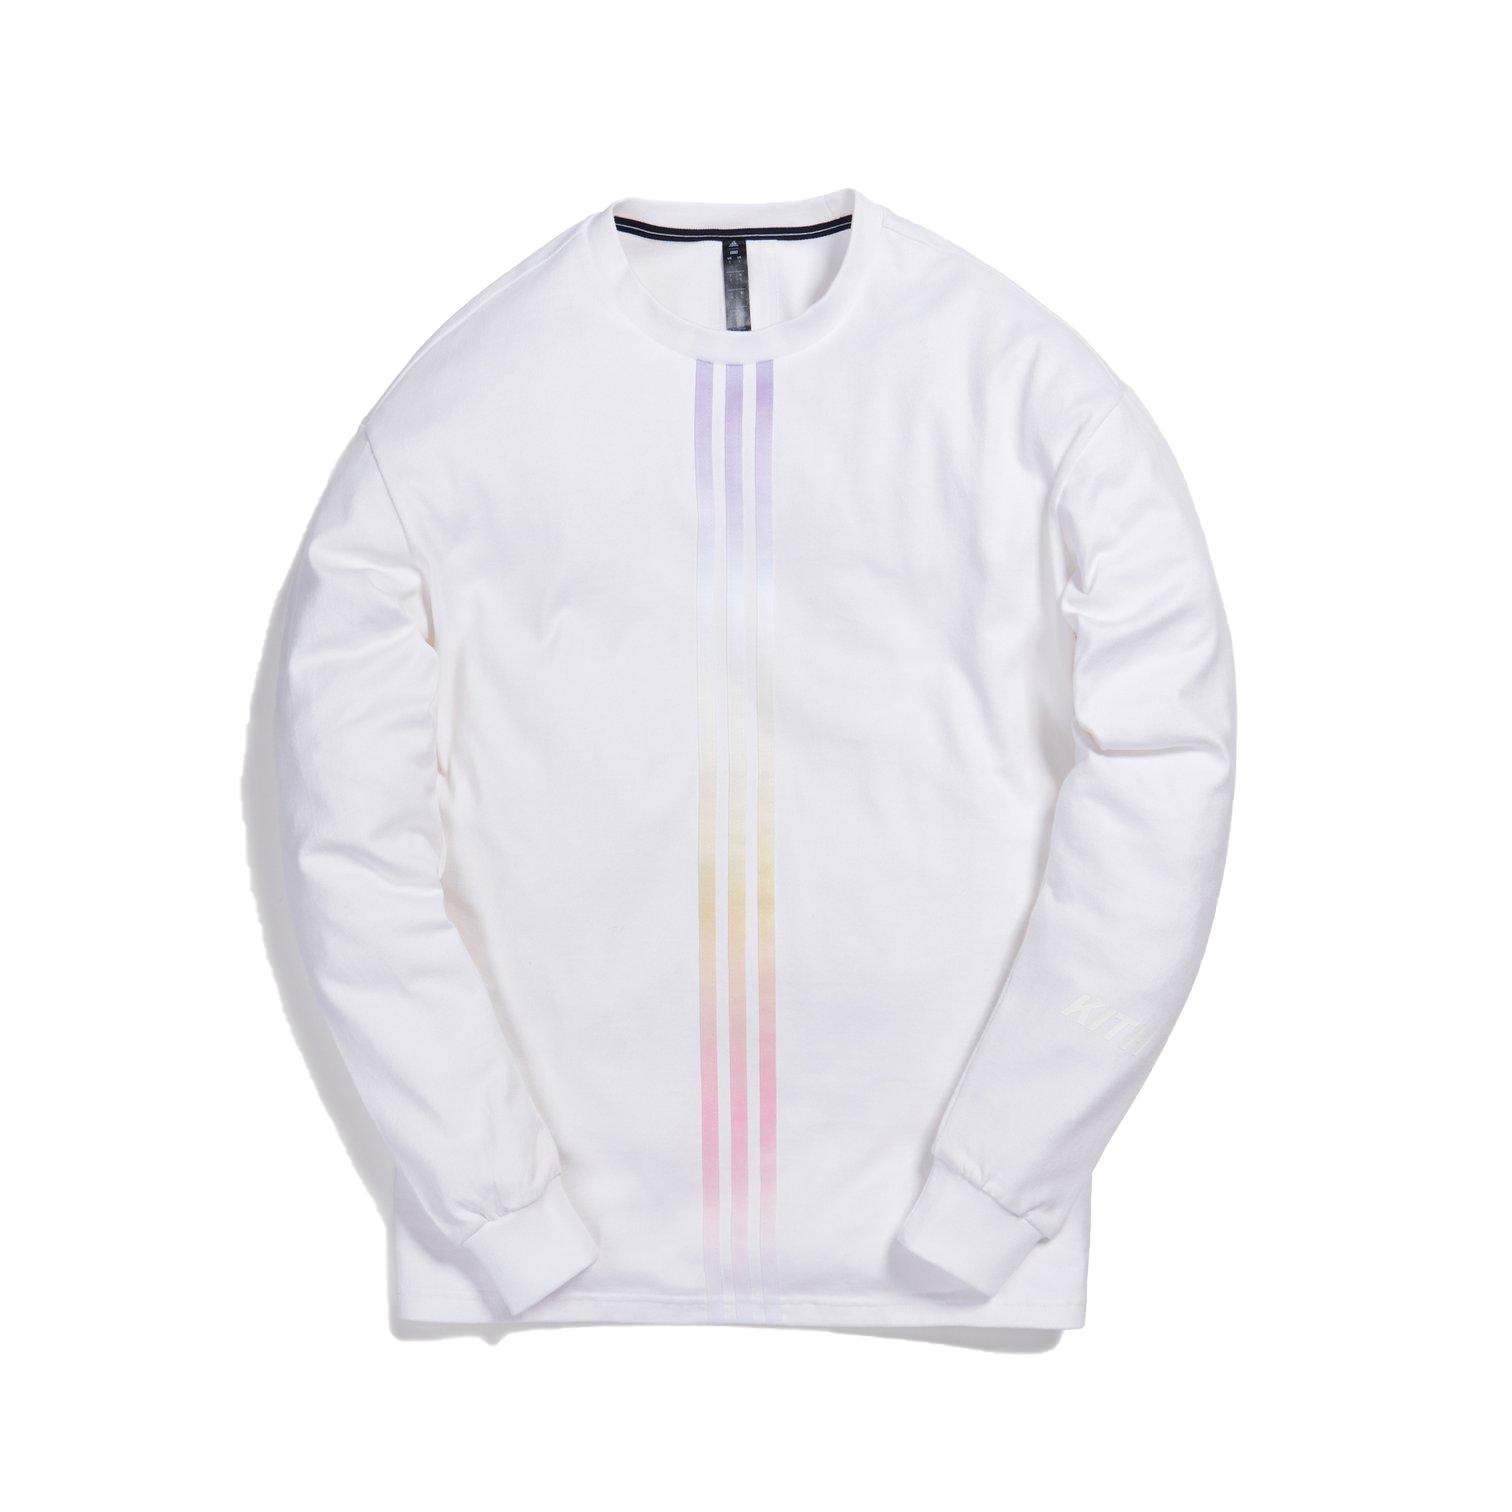 Kith x Adidas Terrex Track Jacket White